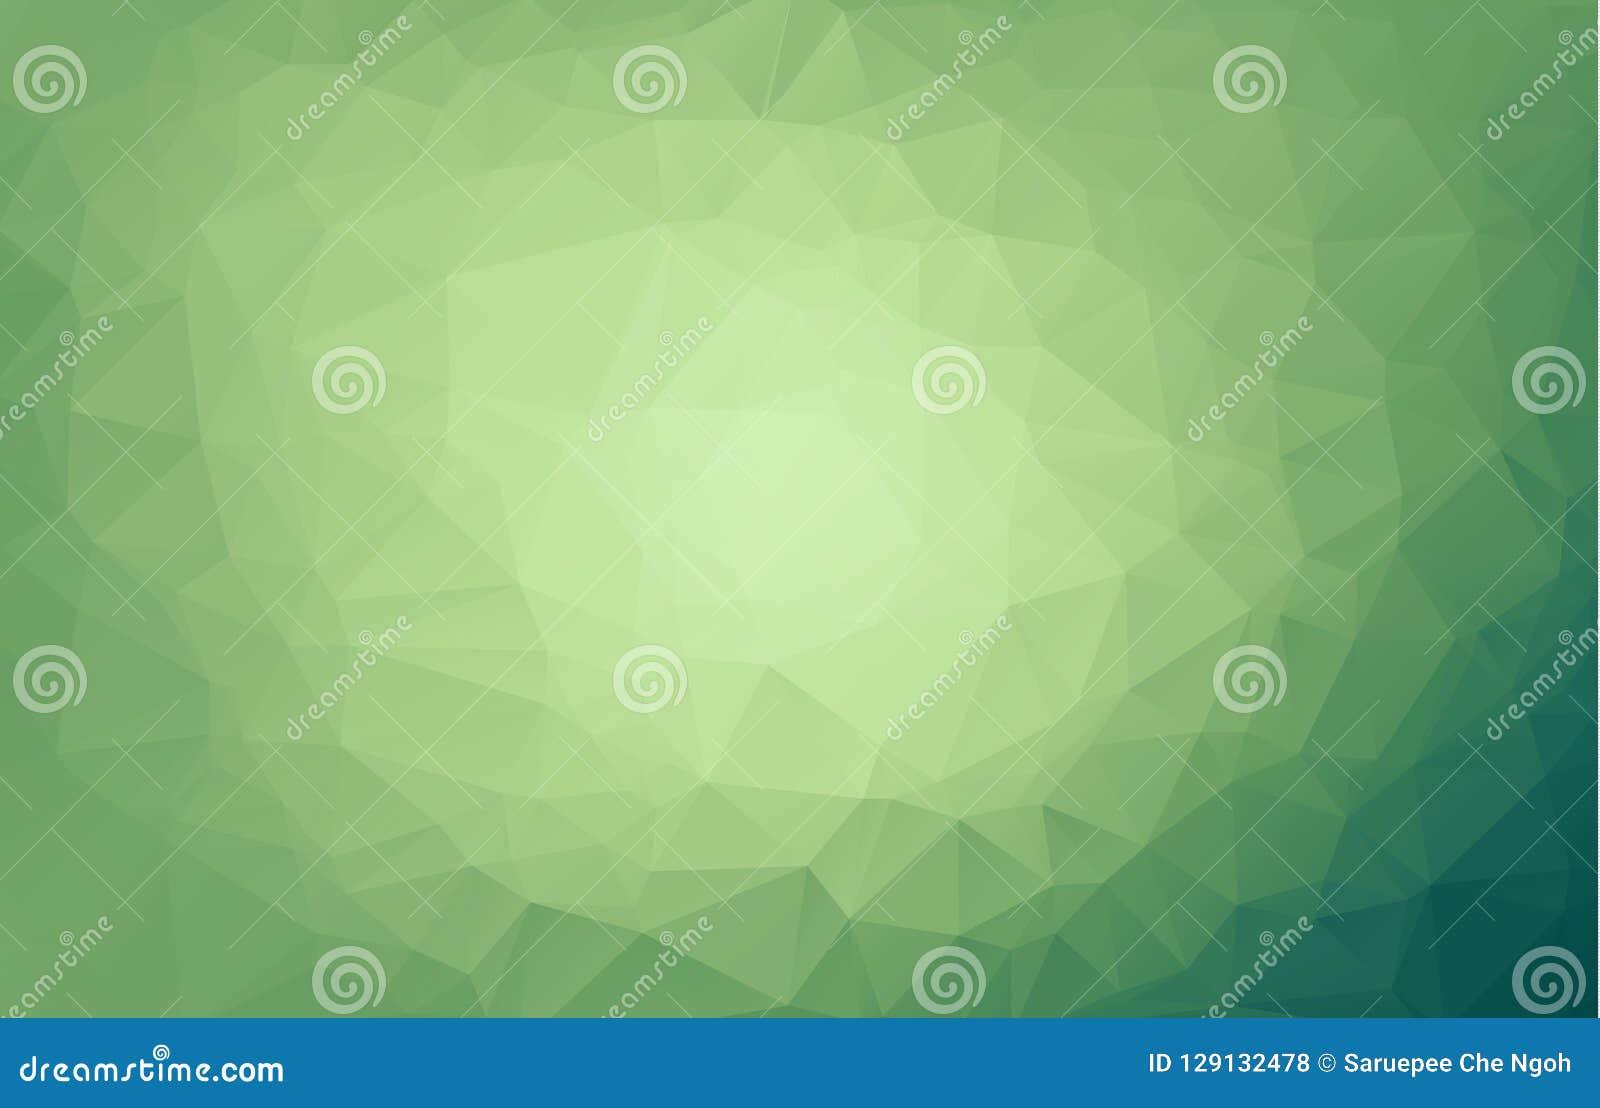 Ανοικτό πράσινο διανυσματικό μουτζουρωμένο υπόβαθρο τριγώνων Μια κομψή φωτεινή απεικόνιση με την κλίση Ένα απολύτως νέο σχέδιο γι